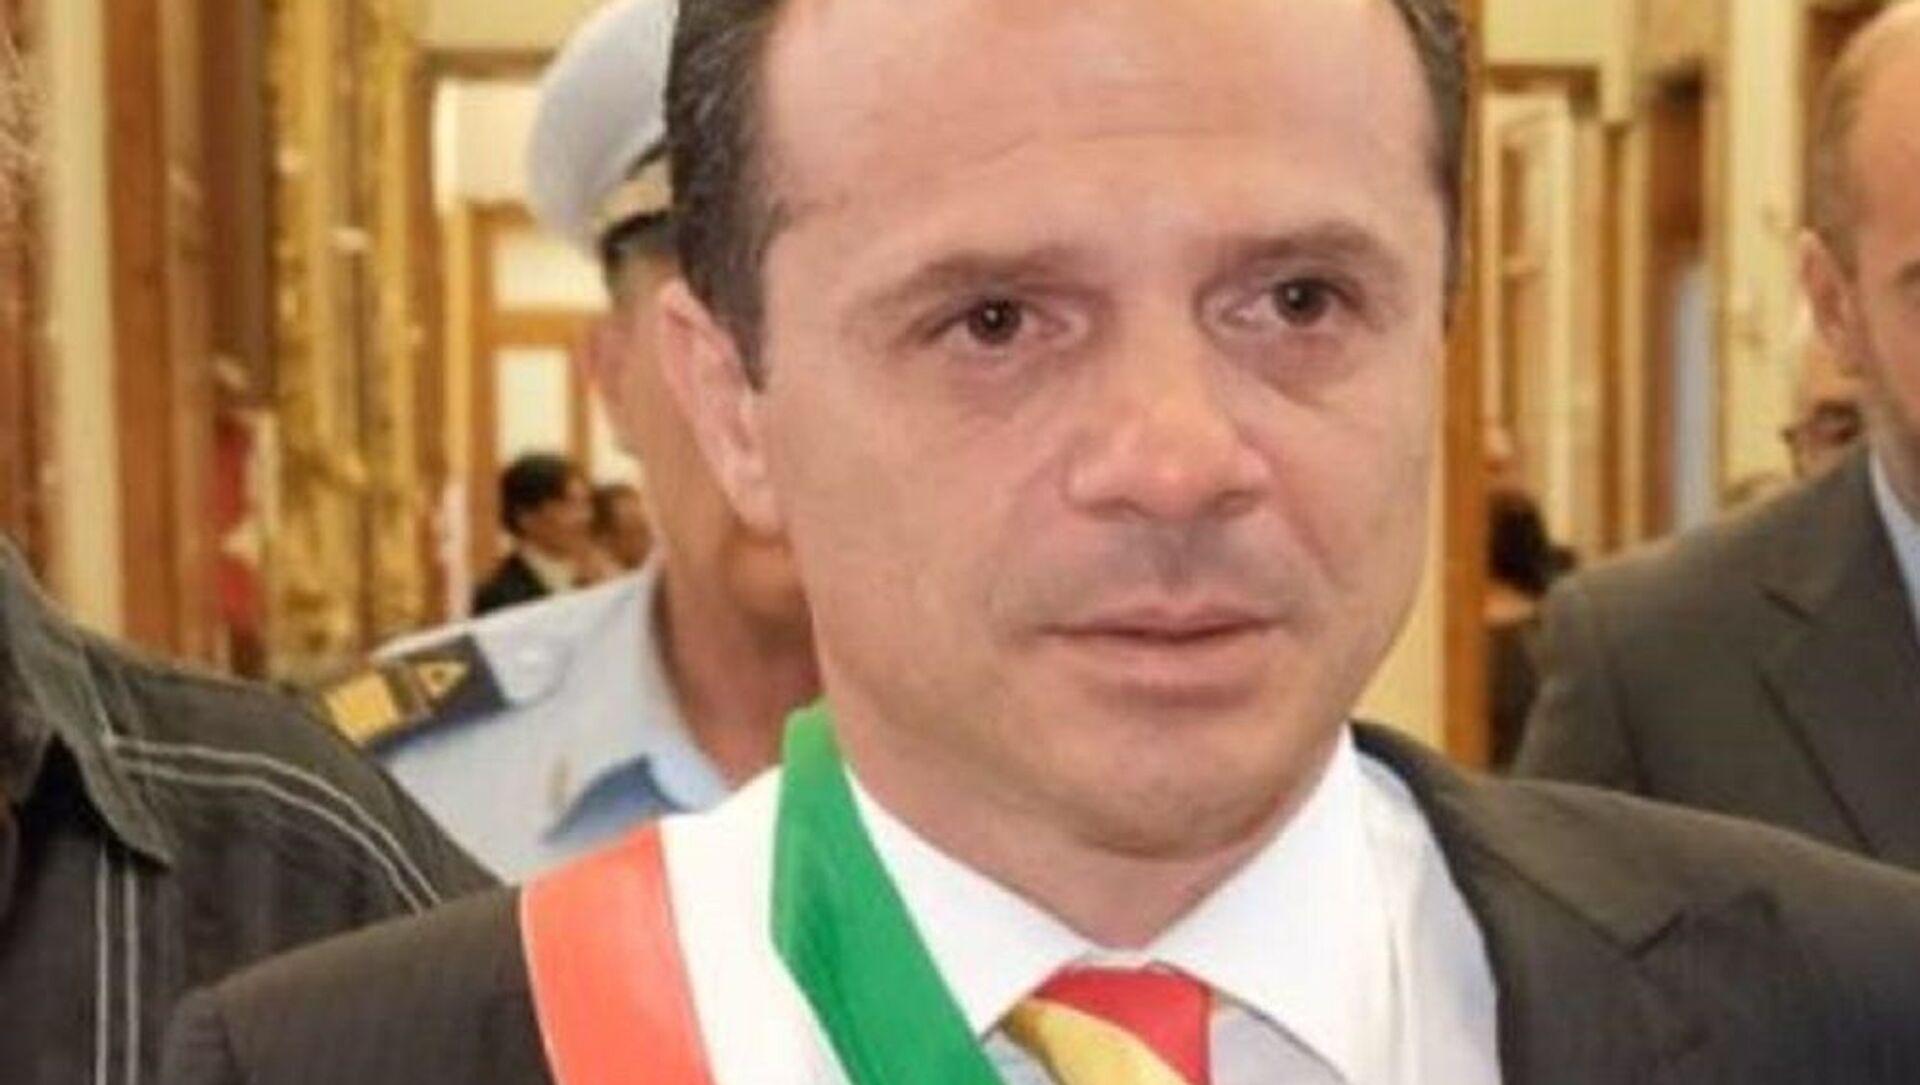 Falsi dati Covid in Sicilia, il sindaco di Messina chiede le dimissioni di Nello Musumeci  - Sputnik Italia, 1920, 31.03.2021